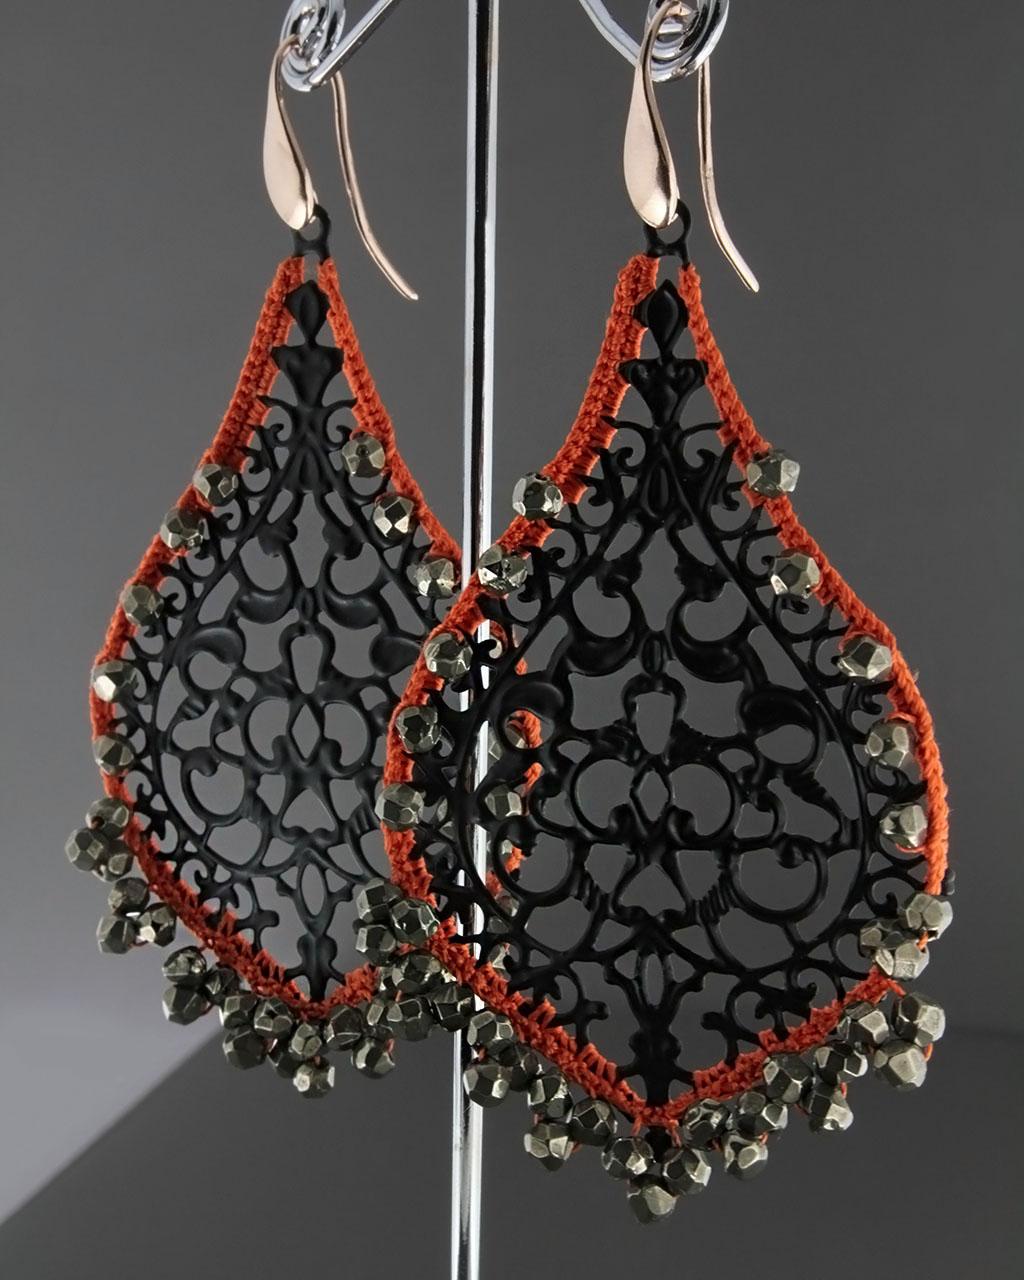 Σκουλαρίκια με Σμάλτο & Ορυκτές πέτρες   γυναικα σκουλαρίκια σκουλαρίκια ημιπολύτιμοι λίθοι